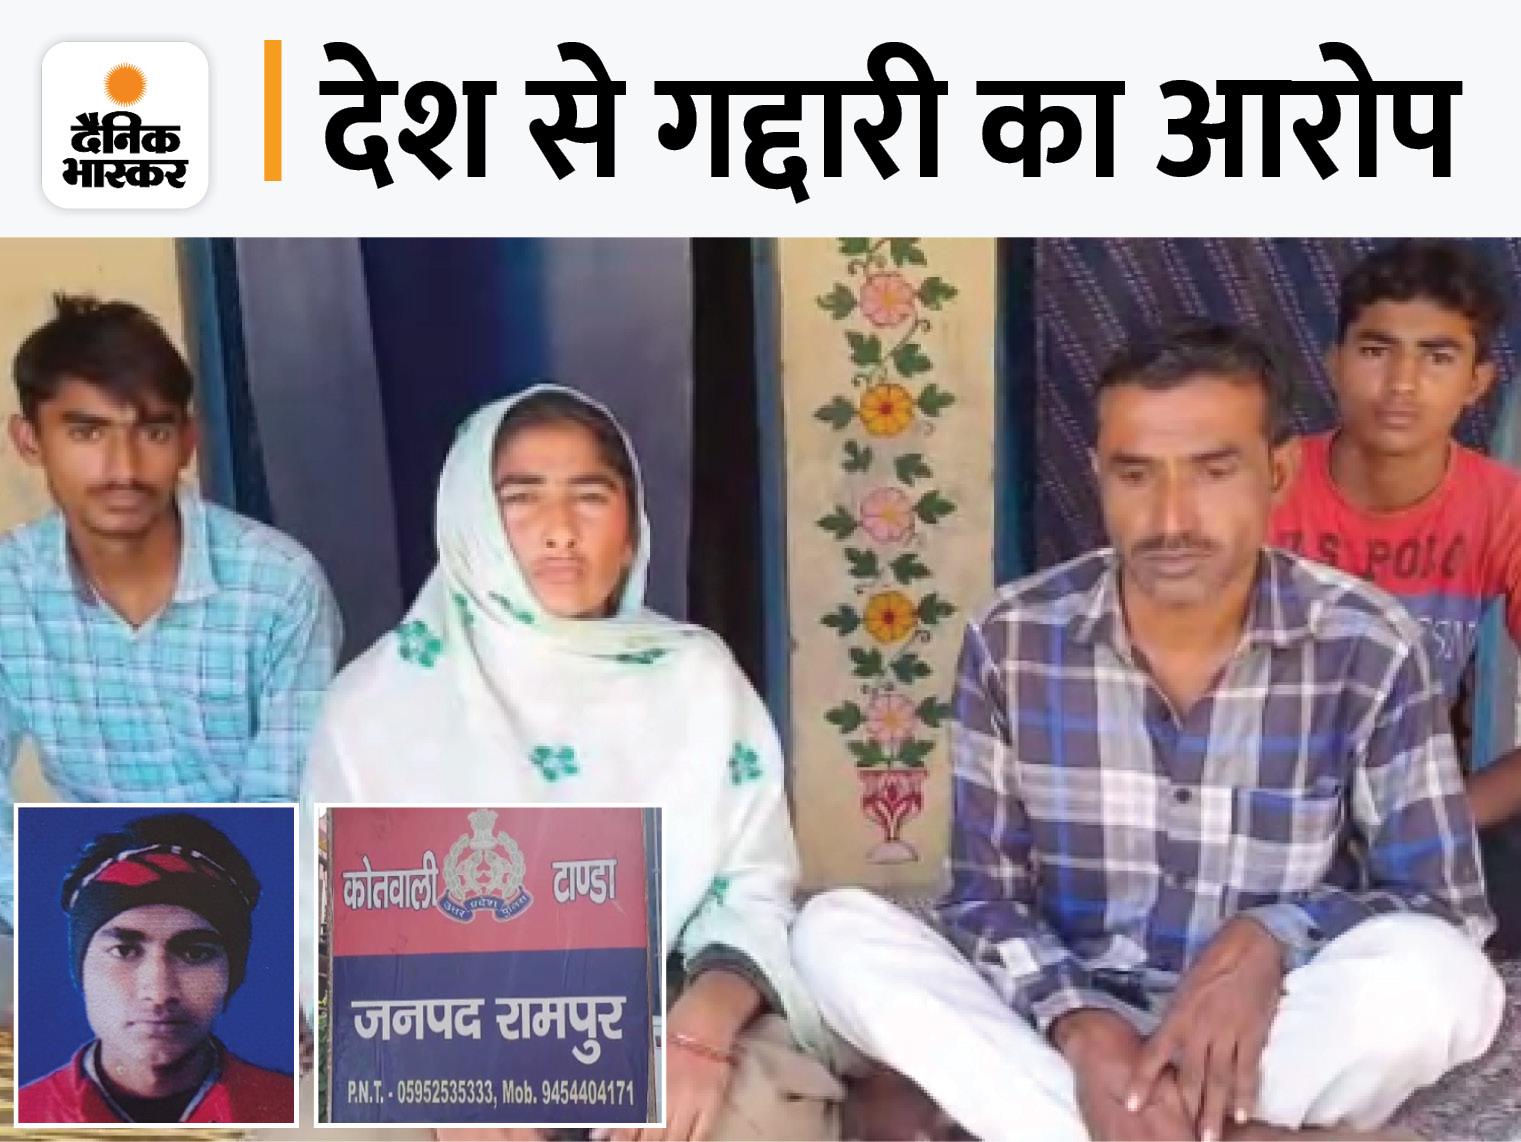 संवेदनशील जगहों की वीडियो पाकिस्तानी हैंडलर को भेजने का है आरोप, पंजाब में डेंटल क्लिनिक पर करता है काम रामपुर,Rampur - Dainik Bhaskar